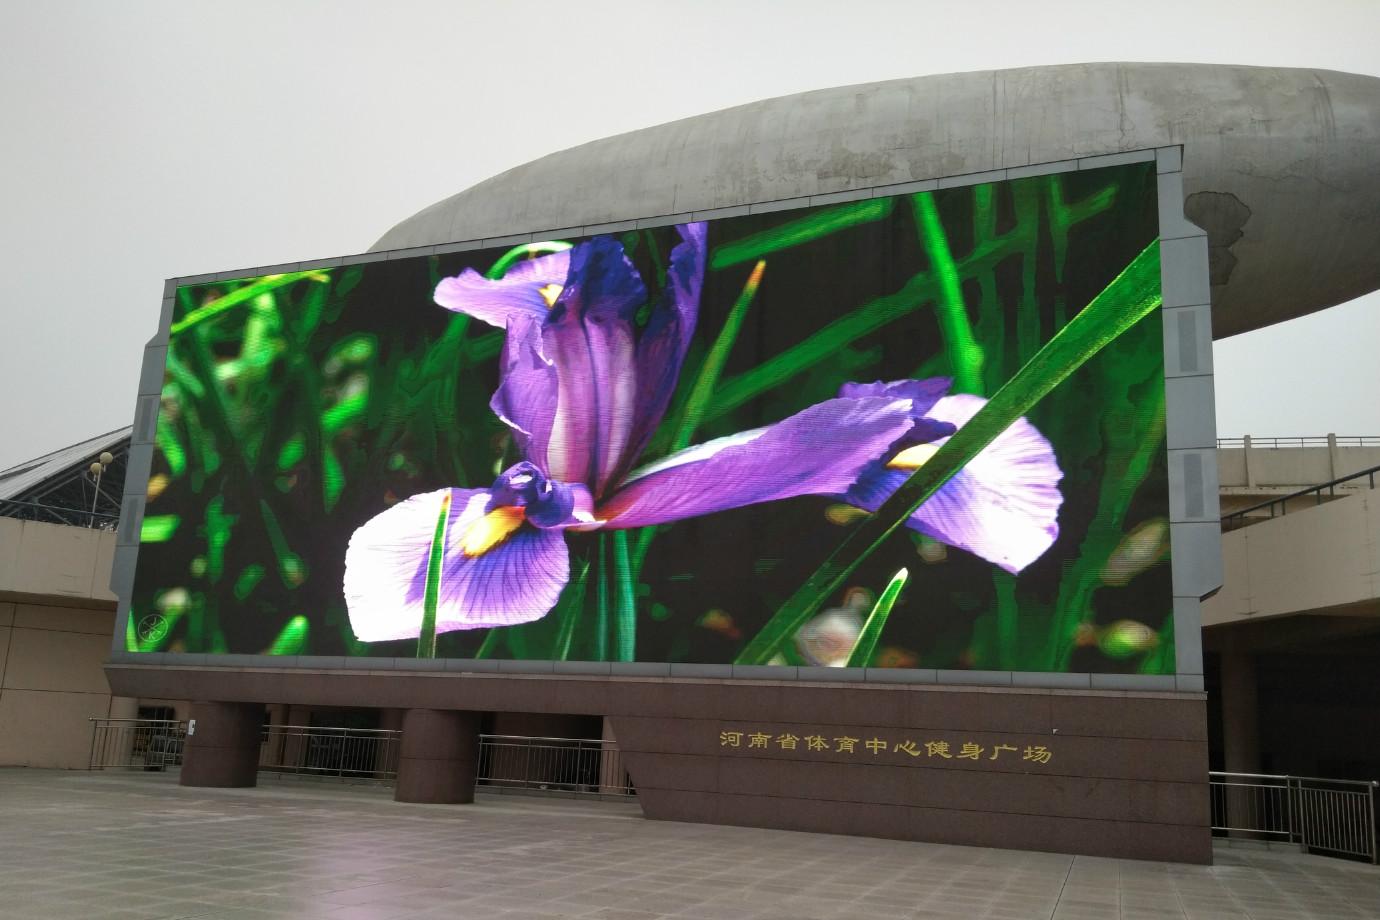 P8 Stadium Outdoor Screen LED